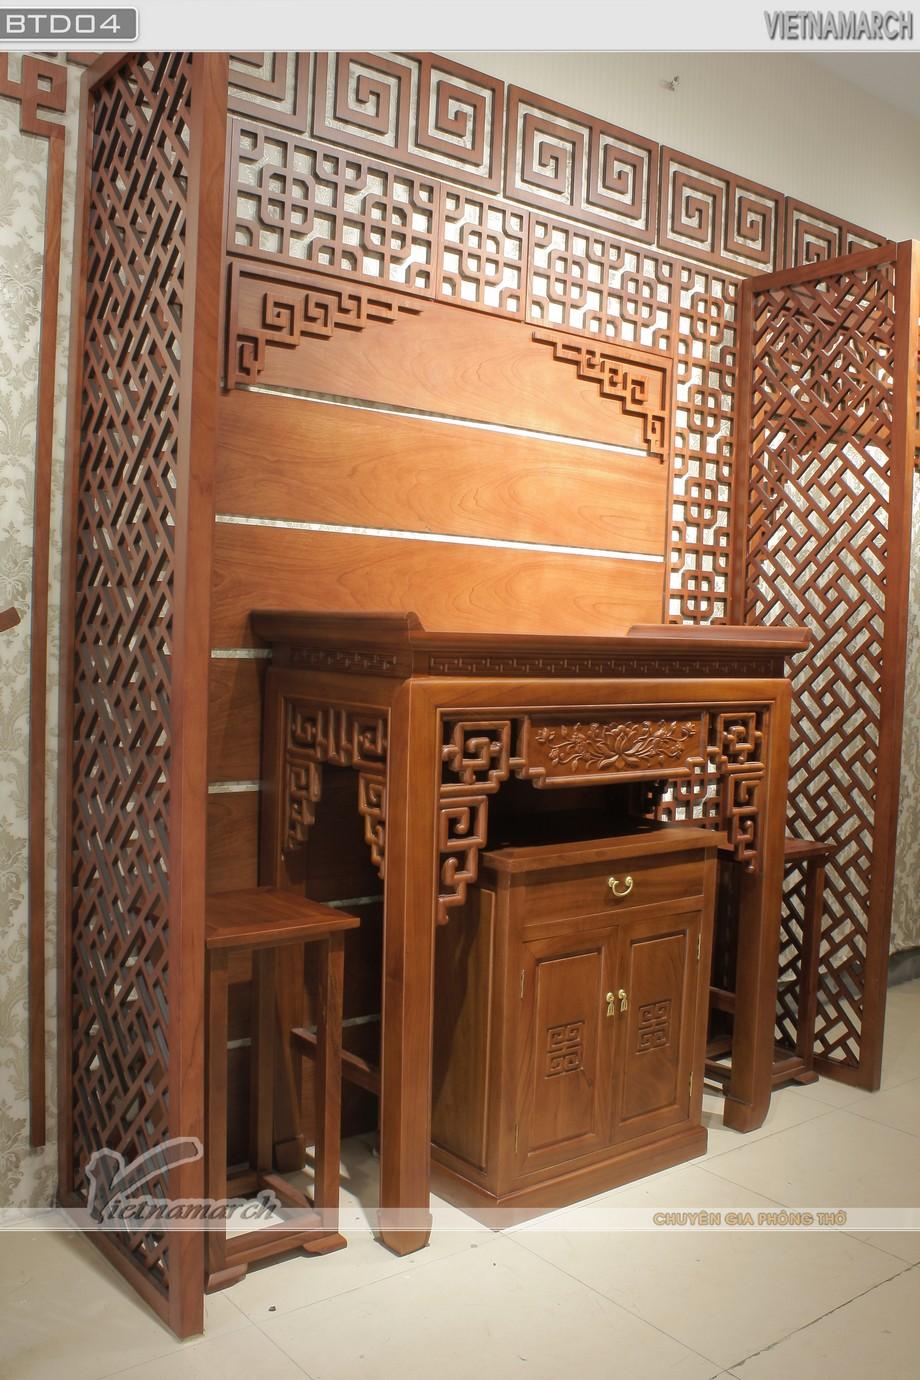 Mẫu bàn thờ phụ dạng tủ thờ mang phong cách truyền thống kết hợp hiện đại